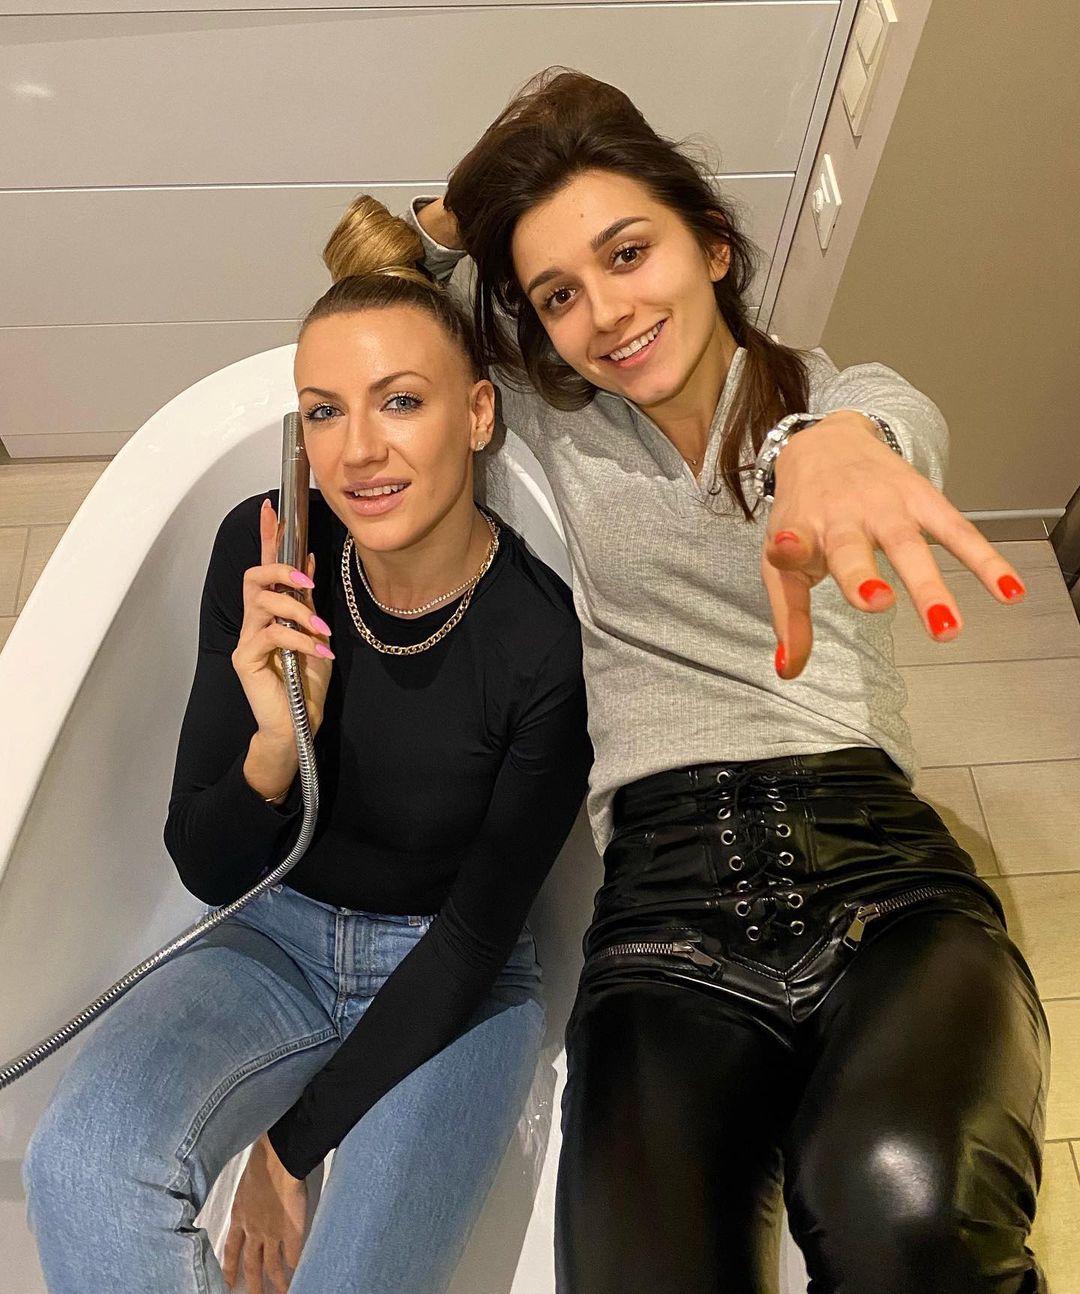 Леся Никитюк понежилась в ванной с подружкой: обворожительные красотки!